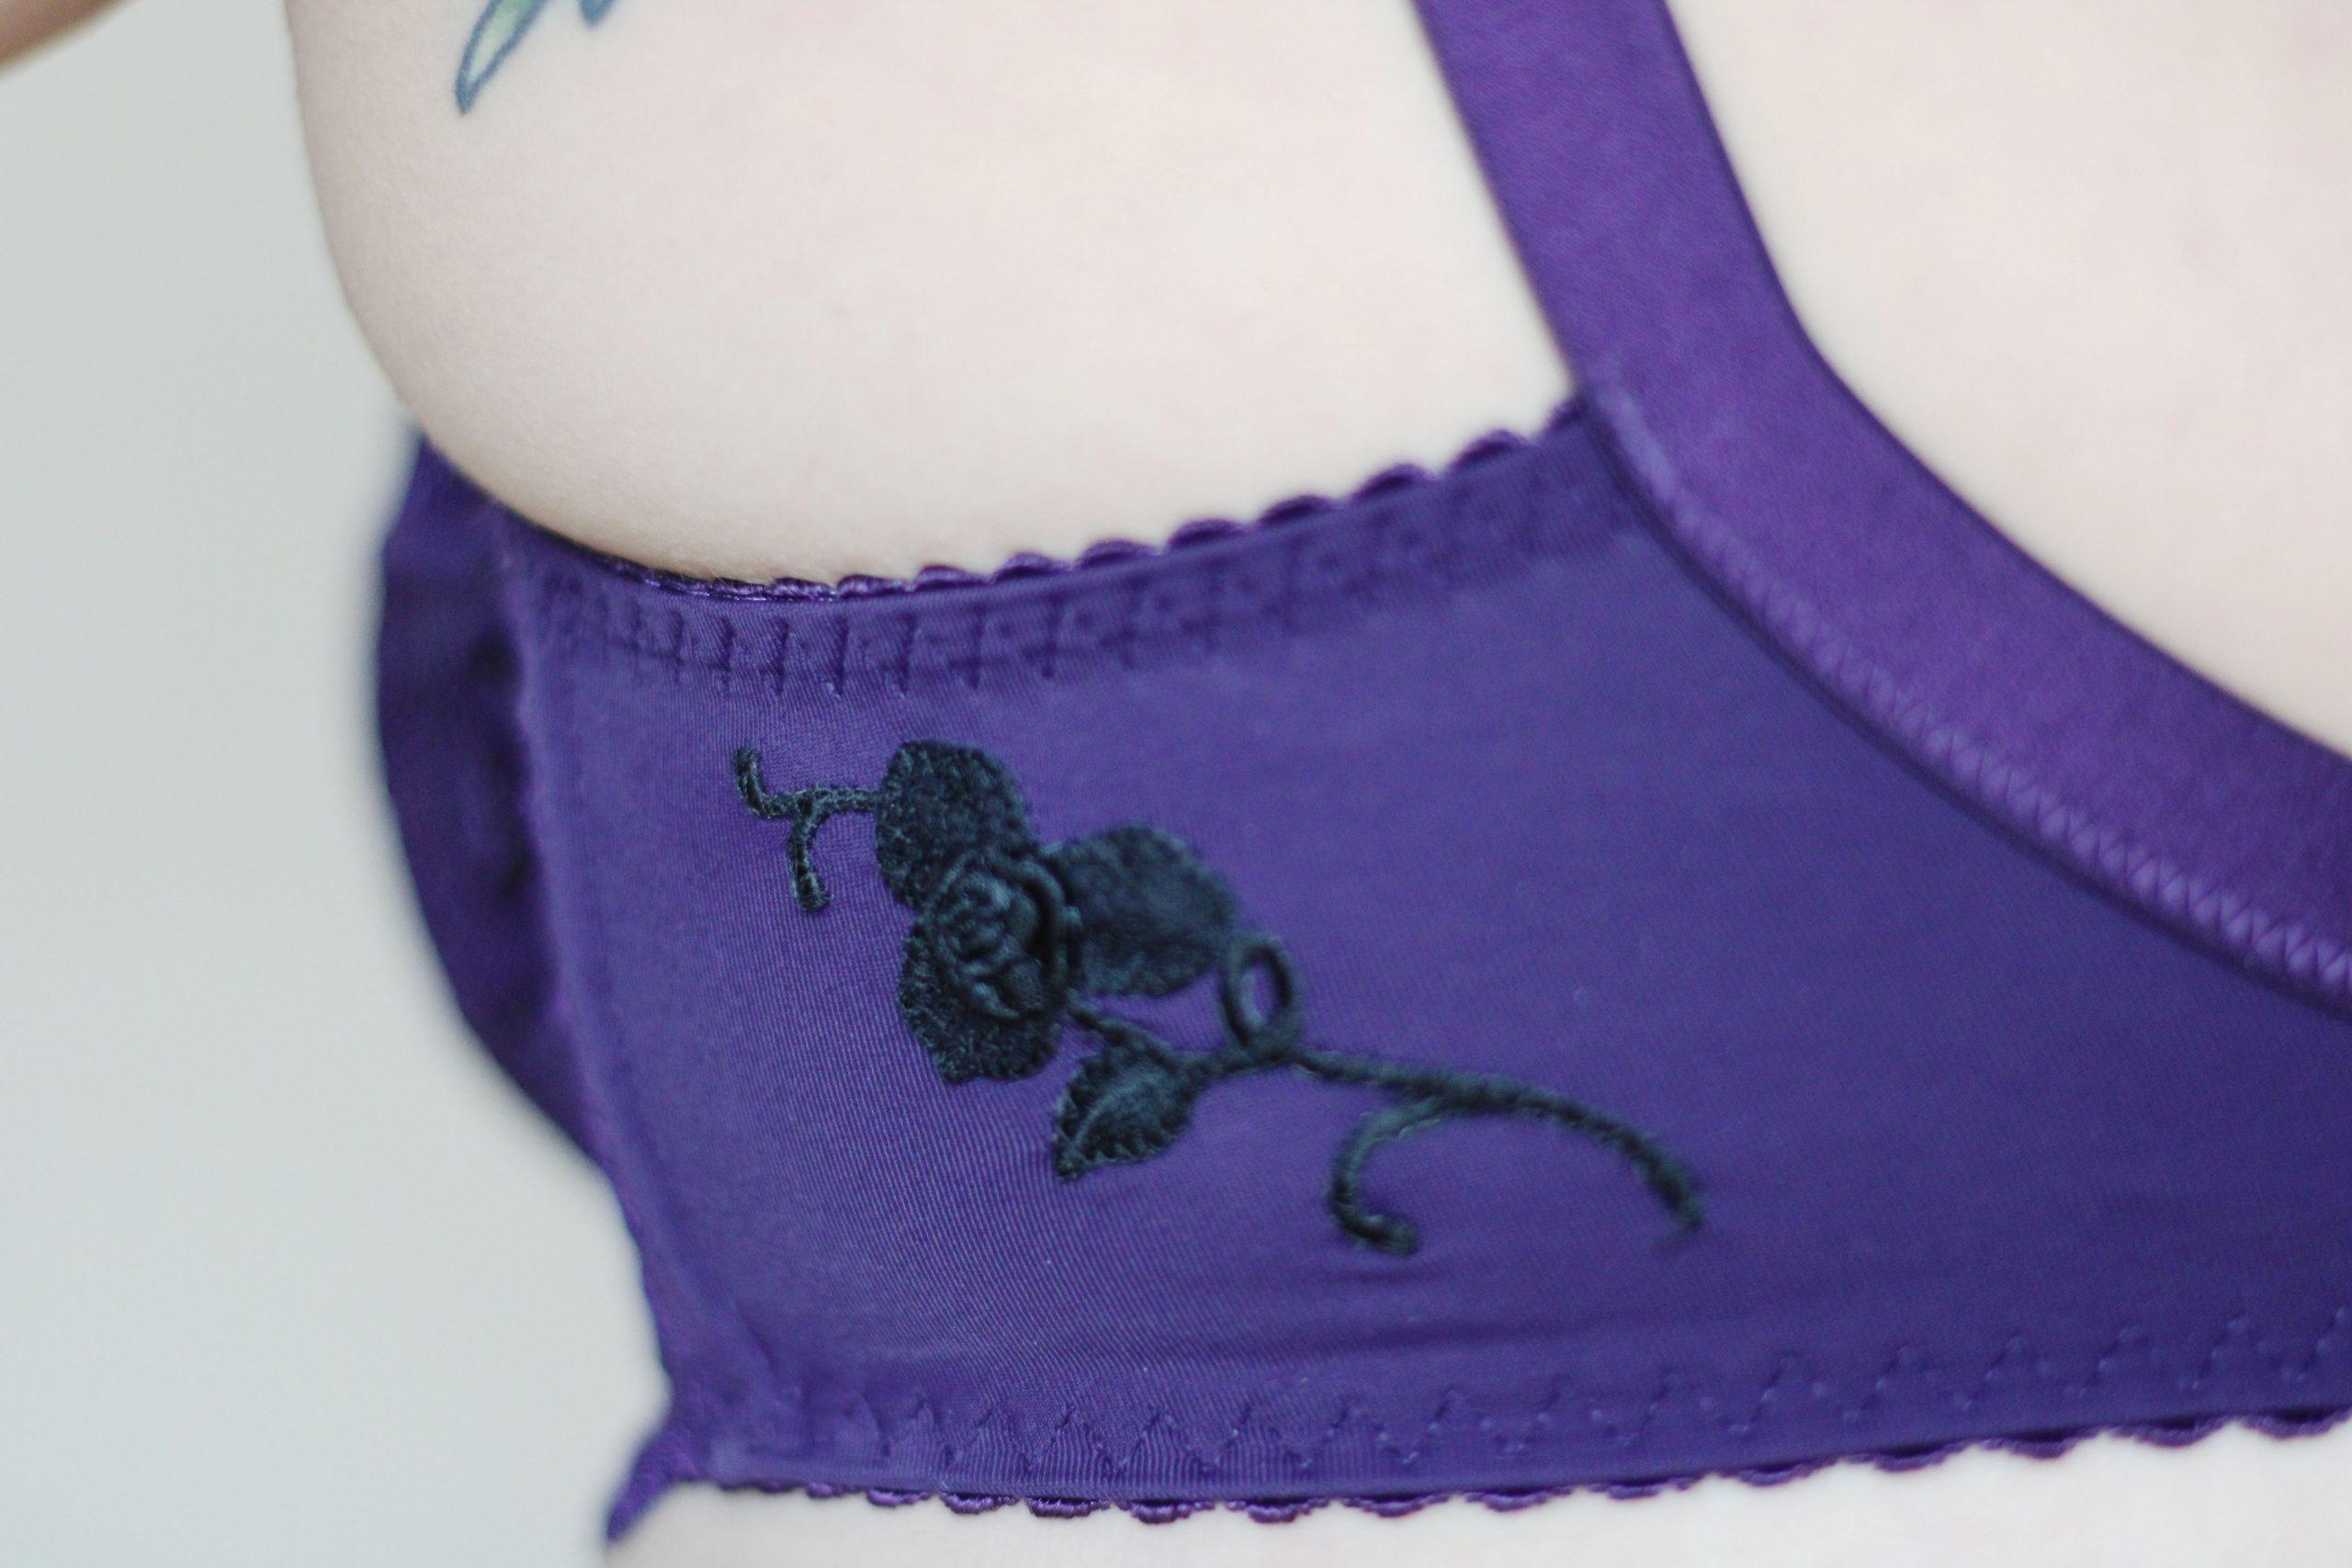 sans-complexe-blog-lingerie-grande-taille-détail-dos